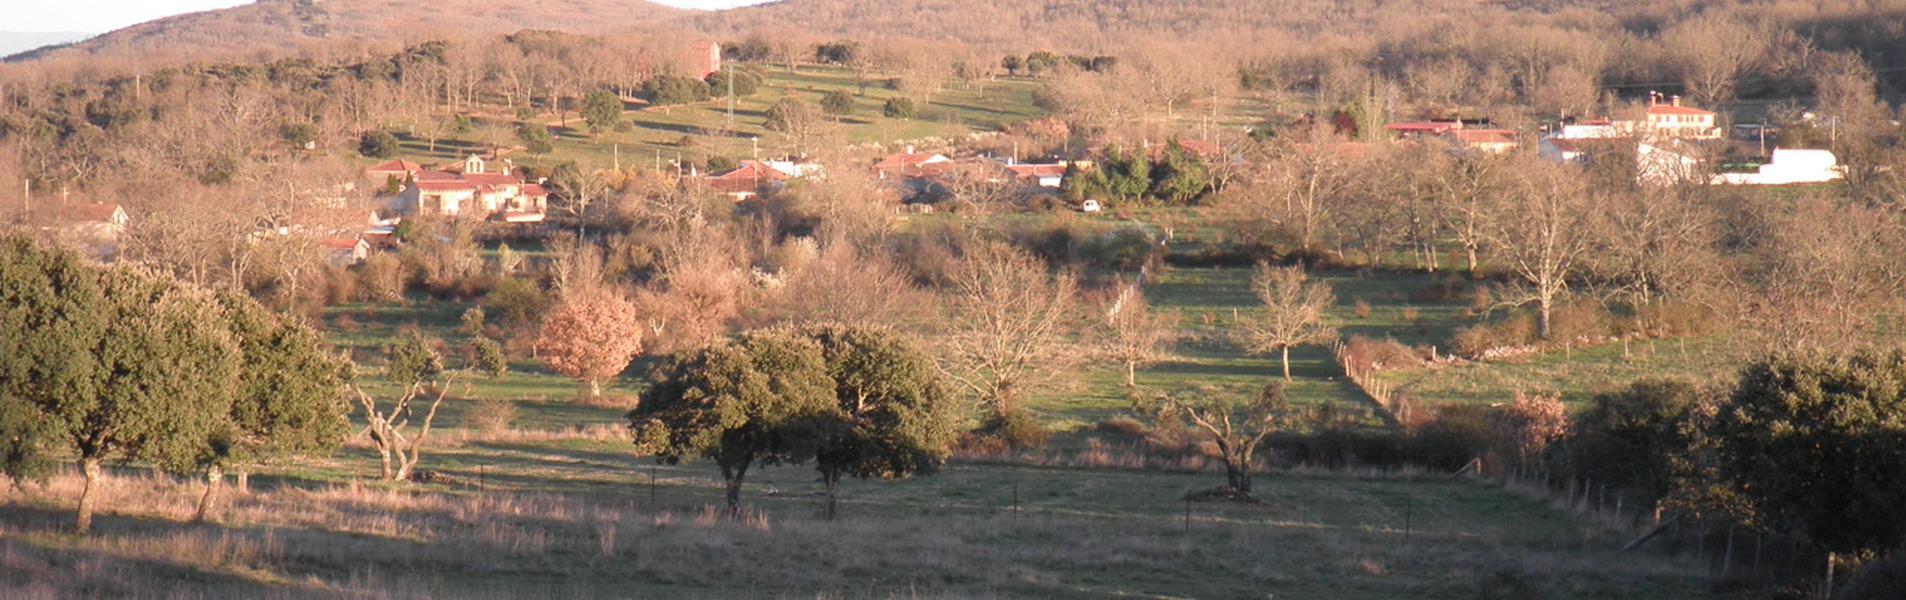 Membribe de la Sierra